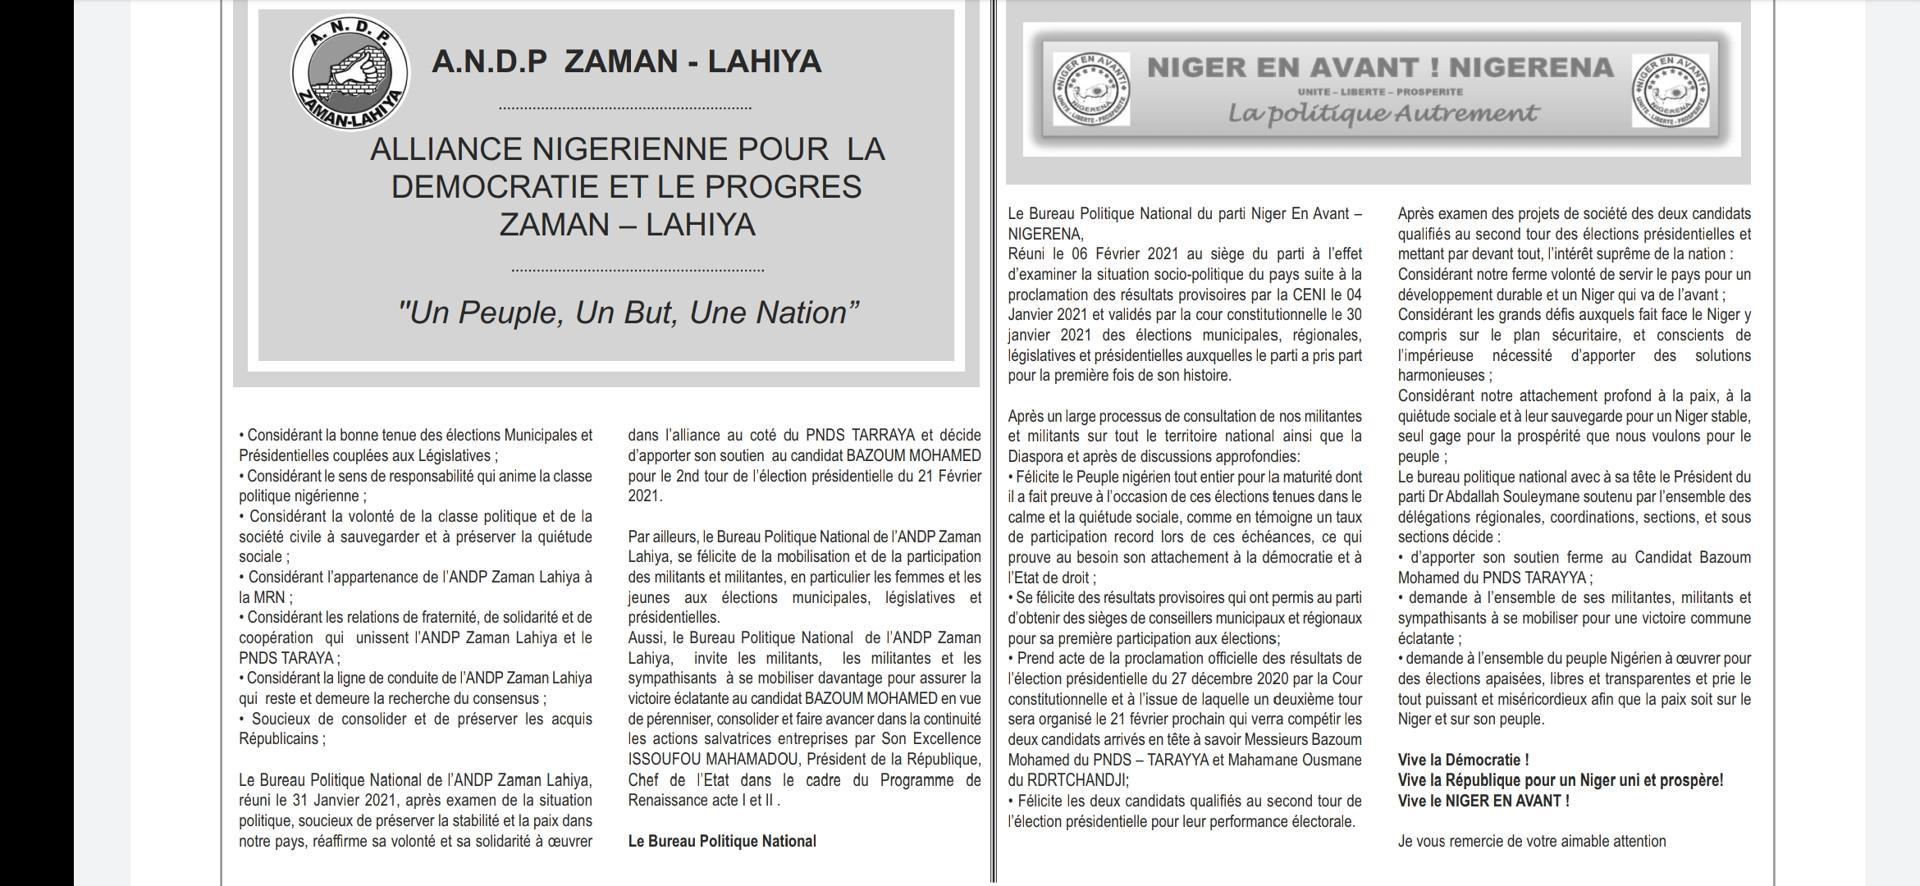 Niger/Elections Les partis ANDP et Nigerena réaffirment leur soutien au candidat Bazoum Mohamed au 2ème tour de l'élection présidentielle